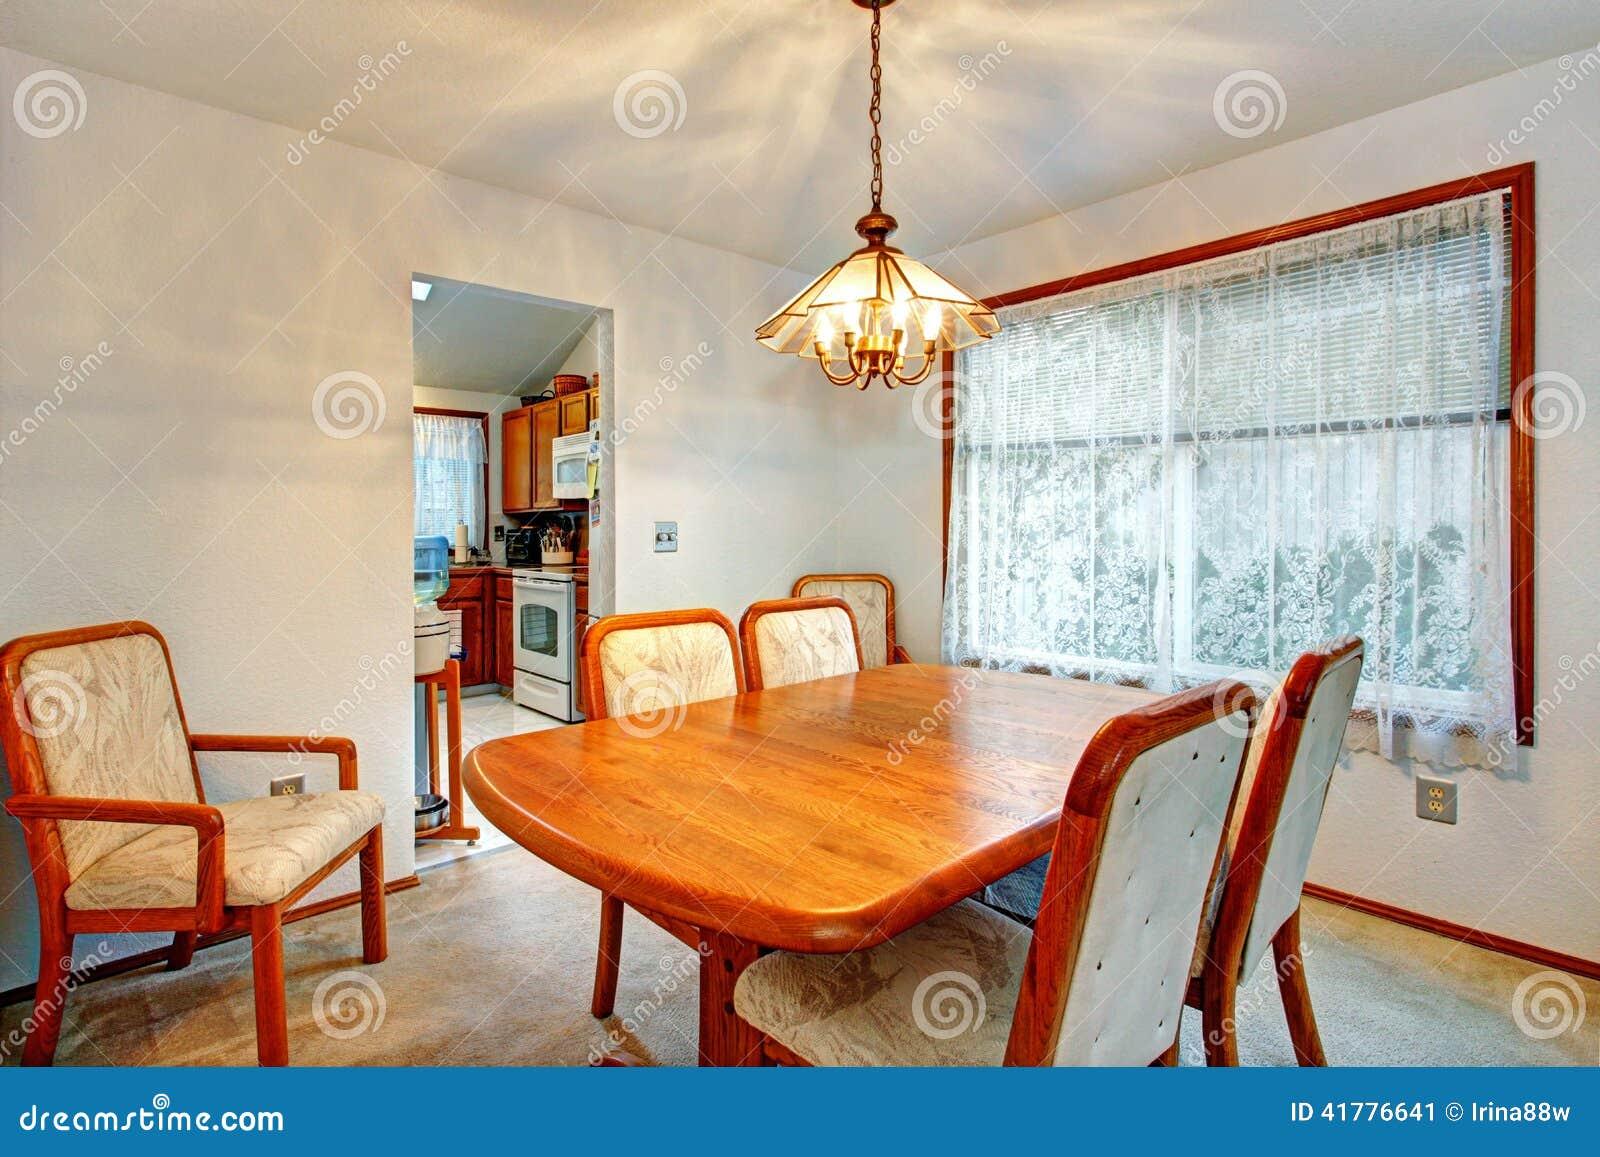 Gemutliches Kleines Esszimmer Mit Fenster Stockbild Bild Von Haus